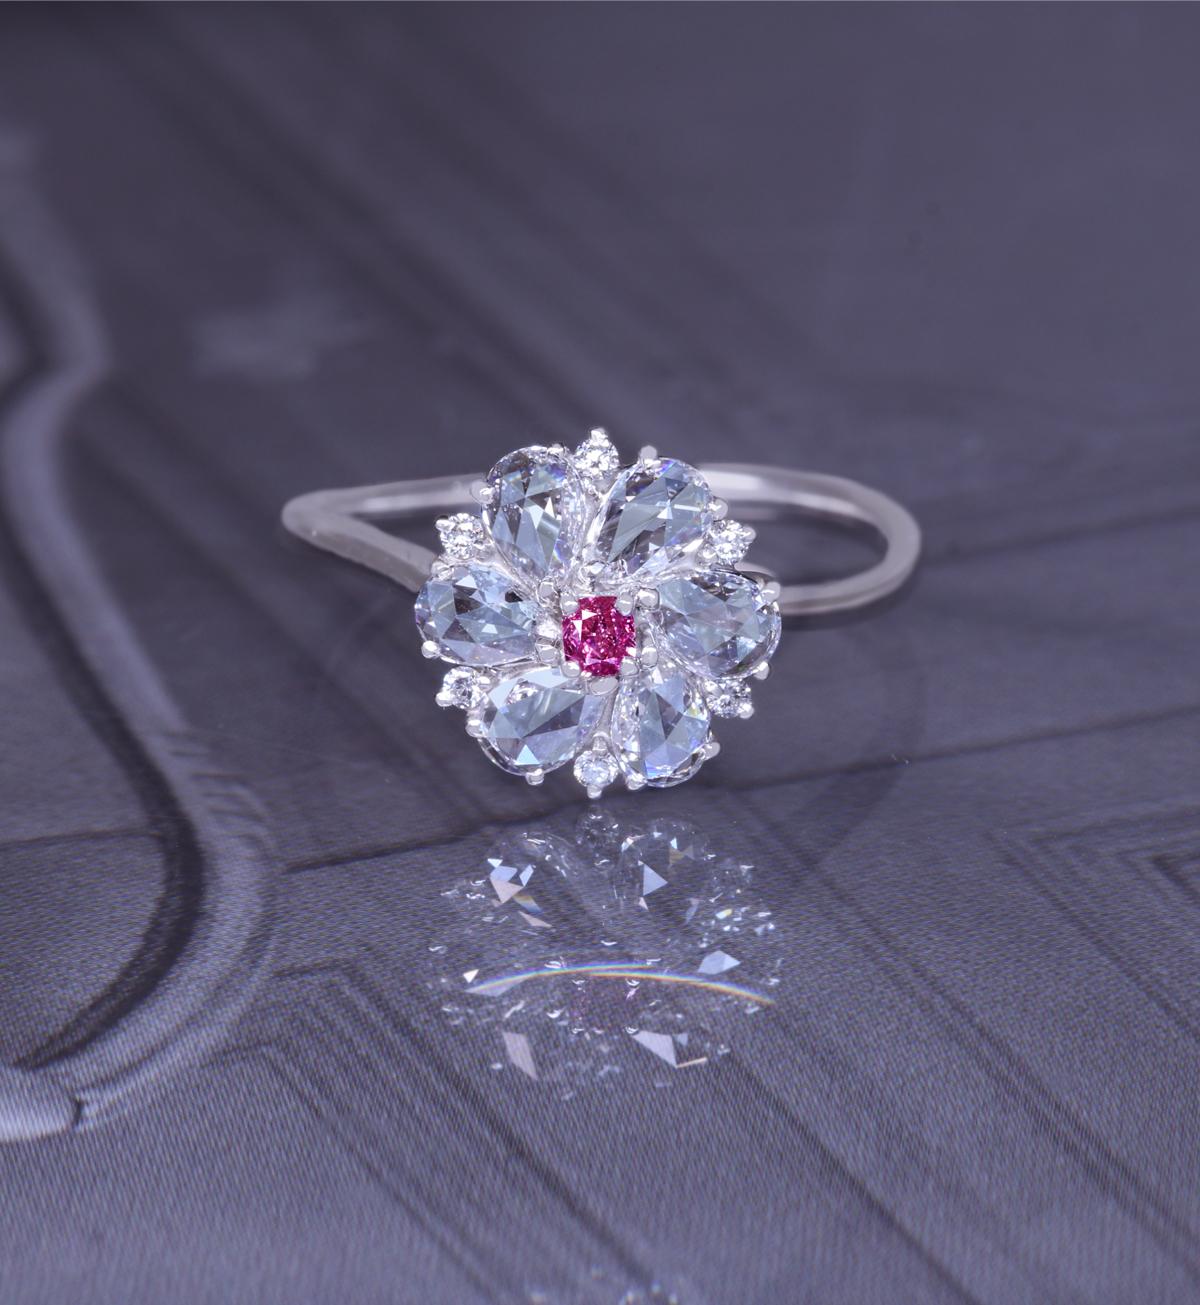 pinkdiamond